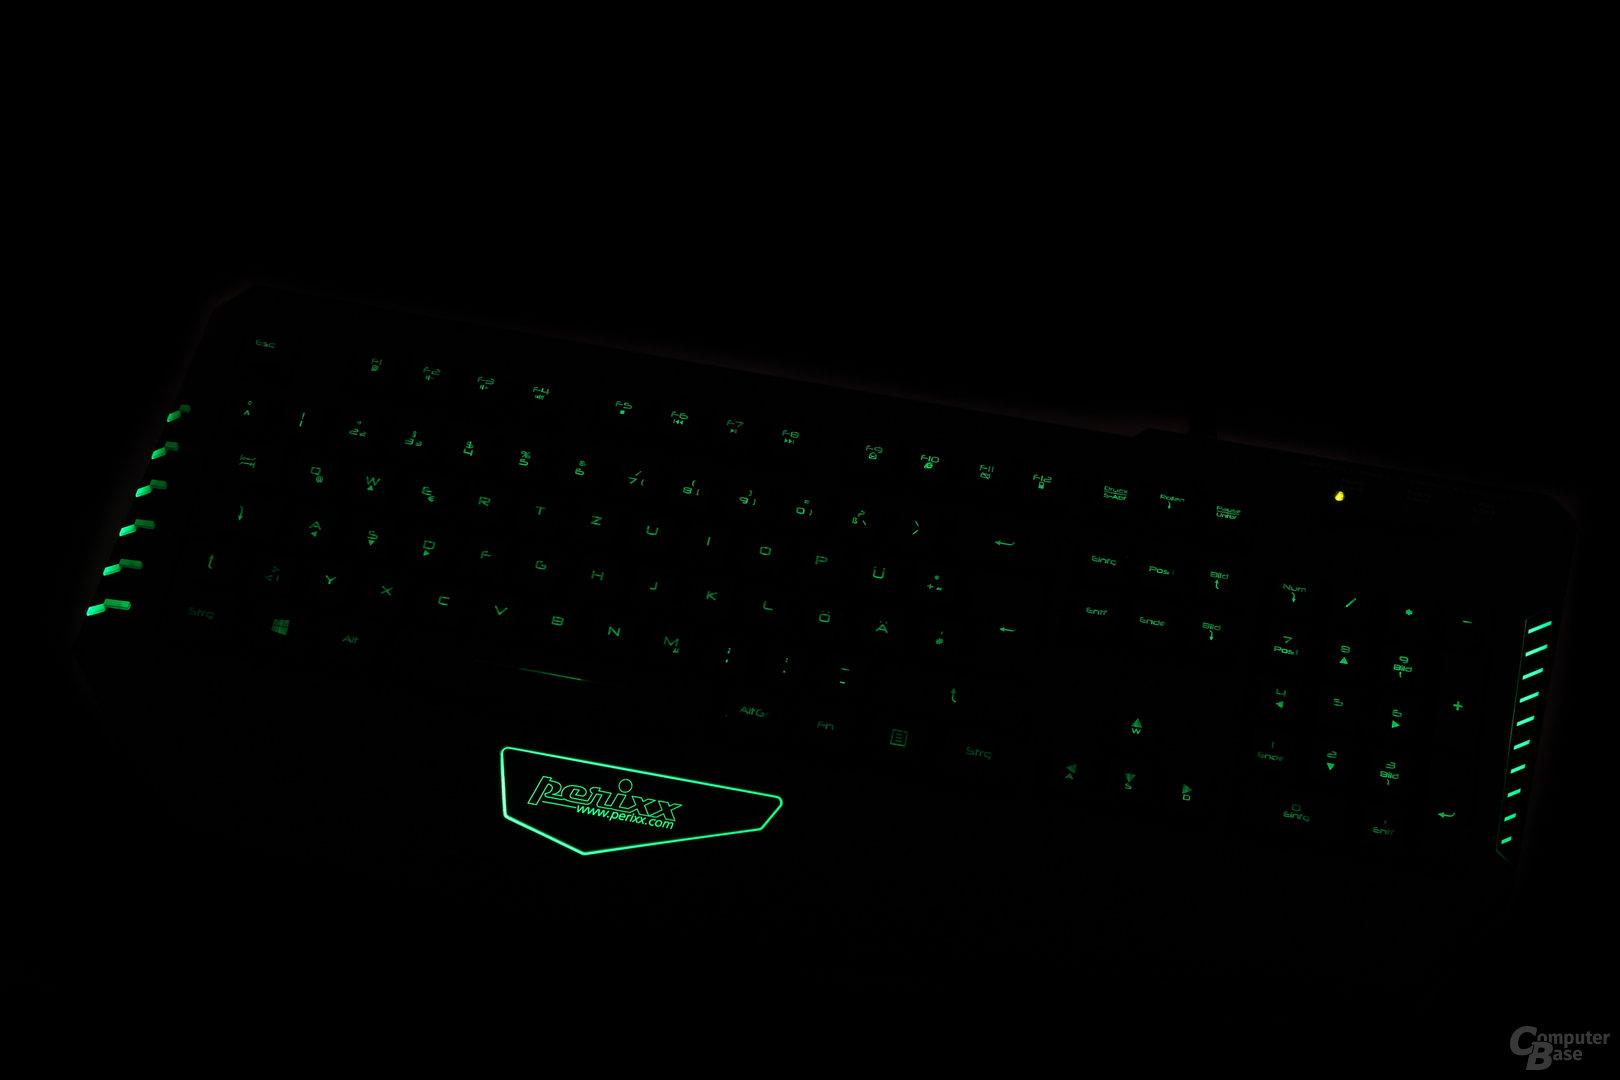 Am hellsten strahlen die grünen LEDs